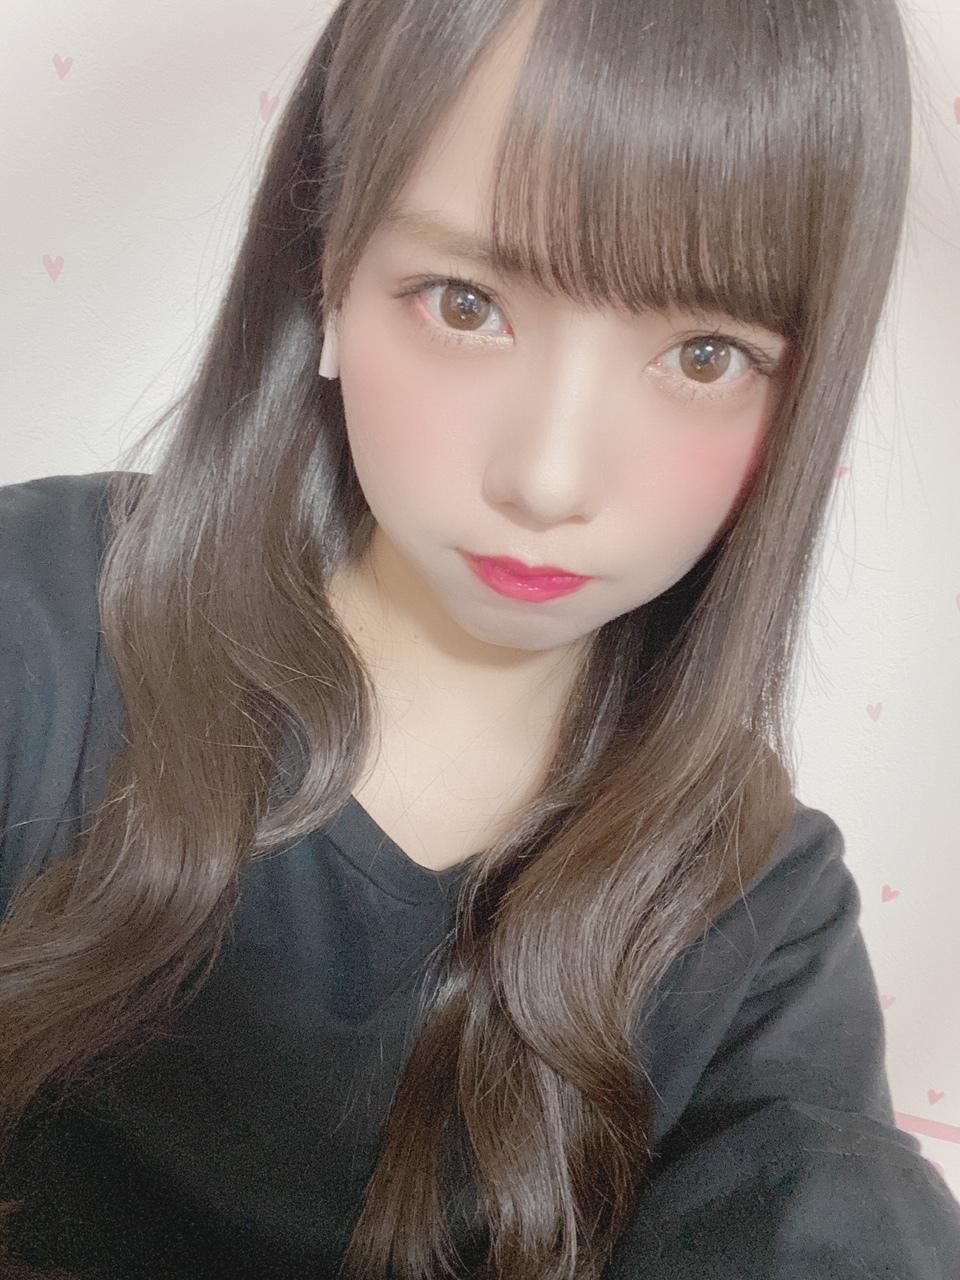 齊藤京子さんの「日向坂46ドキュメンタリー映画」